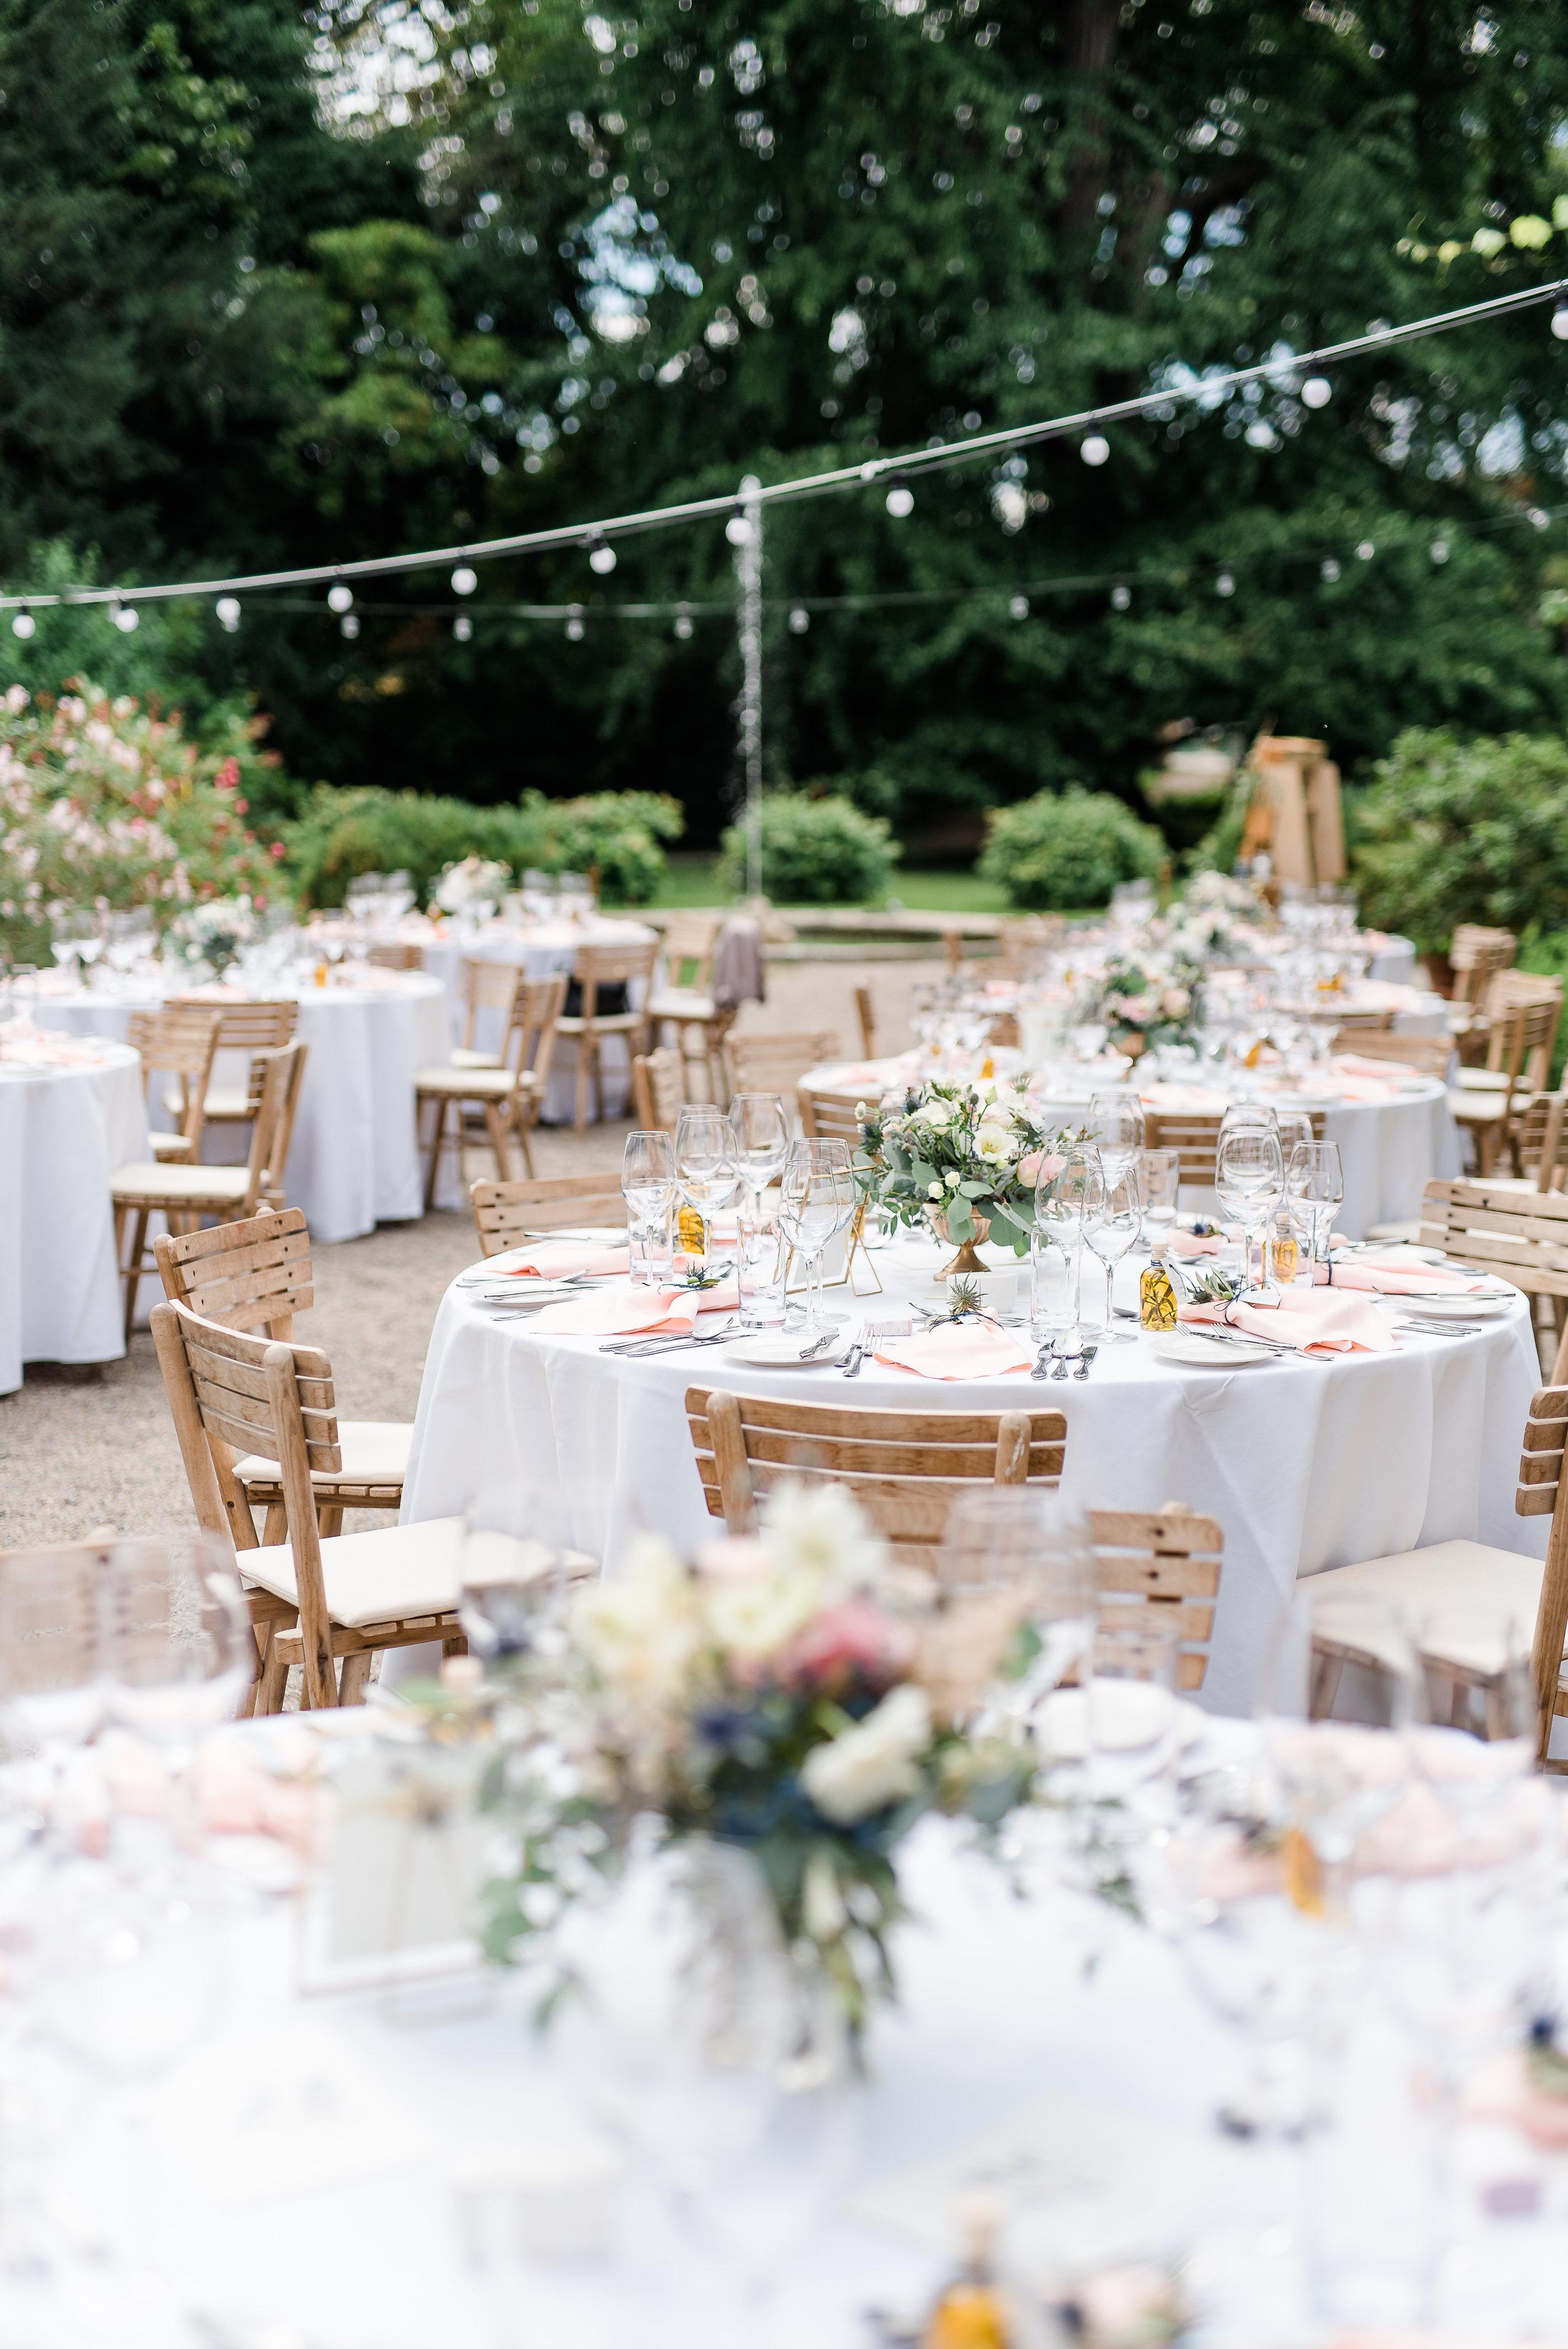 rosemarrylemon_Hochzeit_ES_Hochzeitsplanung35.jpg